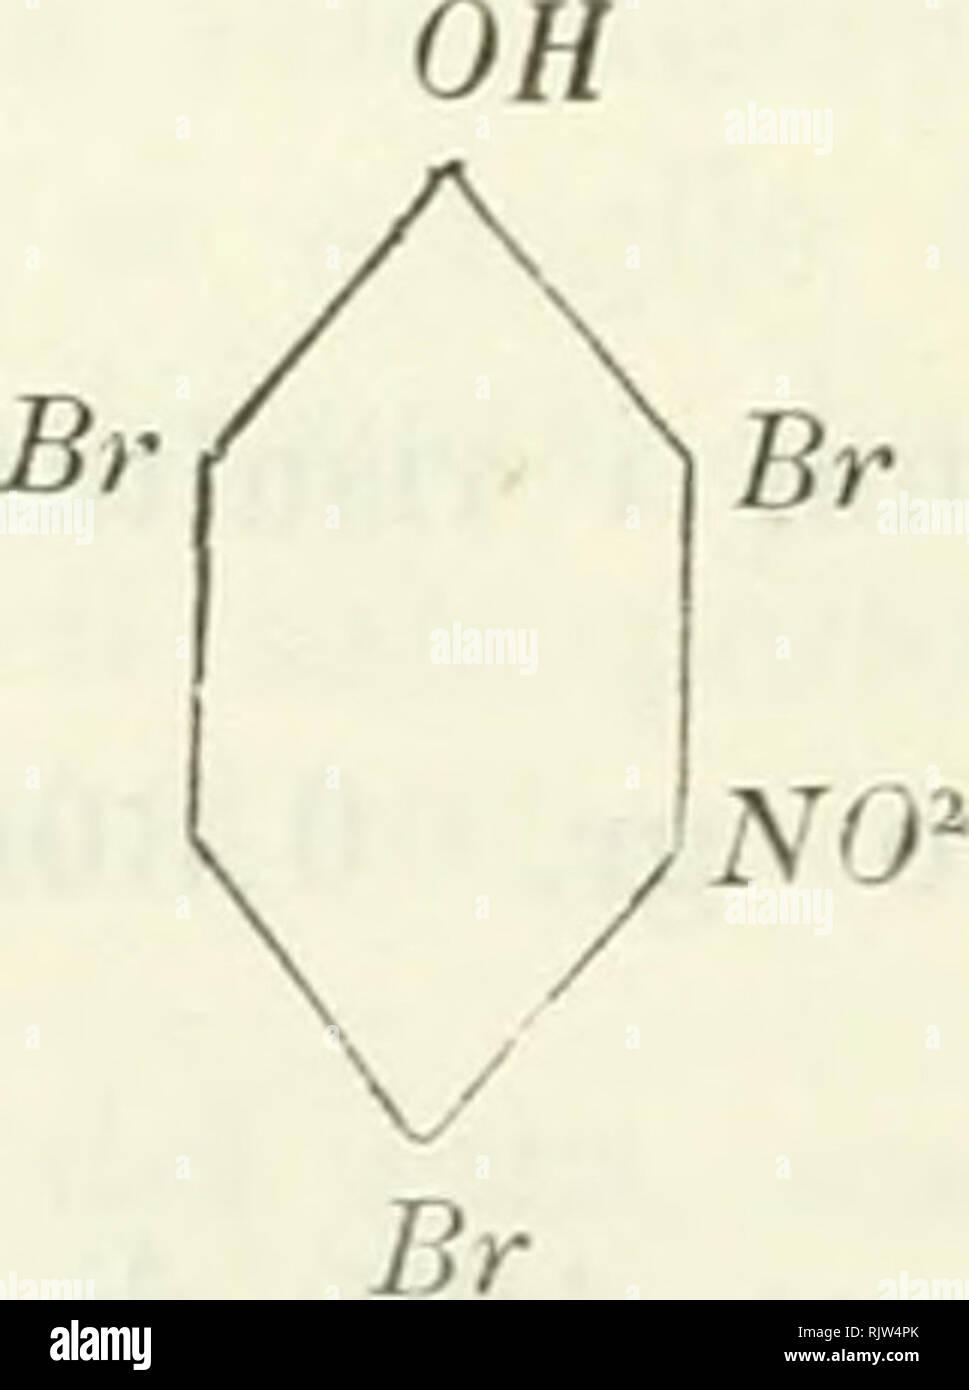 . Atti della R. Accademia delle scienze di Torino. Science; Natural history. 808 a. DACCOMO Da cui: trovato C p. 100 = = 20,48 E » 1,22 N » â Br » â II 4,12 III G9,13 Come si vede, la composizione centesimale di questa sostanza corrisponde a quella del tribroraamidofenolo, pel quale si calcola : C p. 100 = 20,80 H » 1,16 N » 4,04 Br » 69,06 . Il tribromometamidofenolo cristallizza facilmente in bellis- simi agili setacei, incolori quando sono appena preparati, ma che imbruniscono rapidamente per l'azione della luce. Fonde a 117° in un liquido bruno; è poco solubile nell'acqua fredda, m Stock Photo